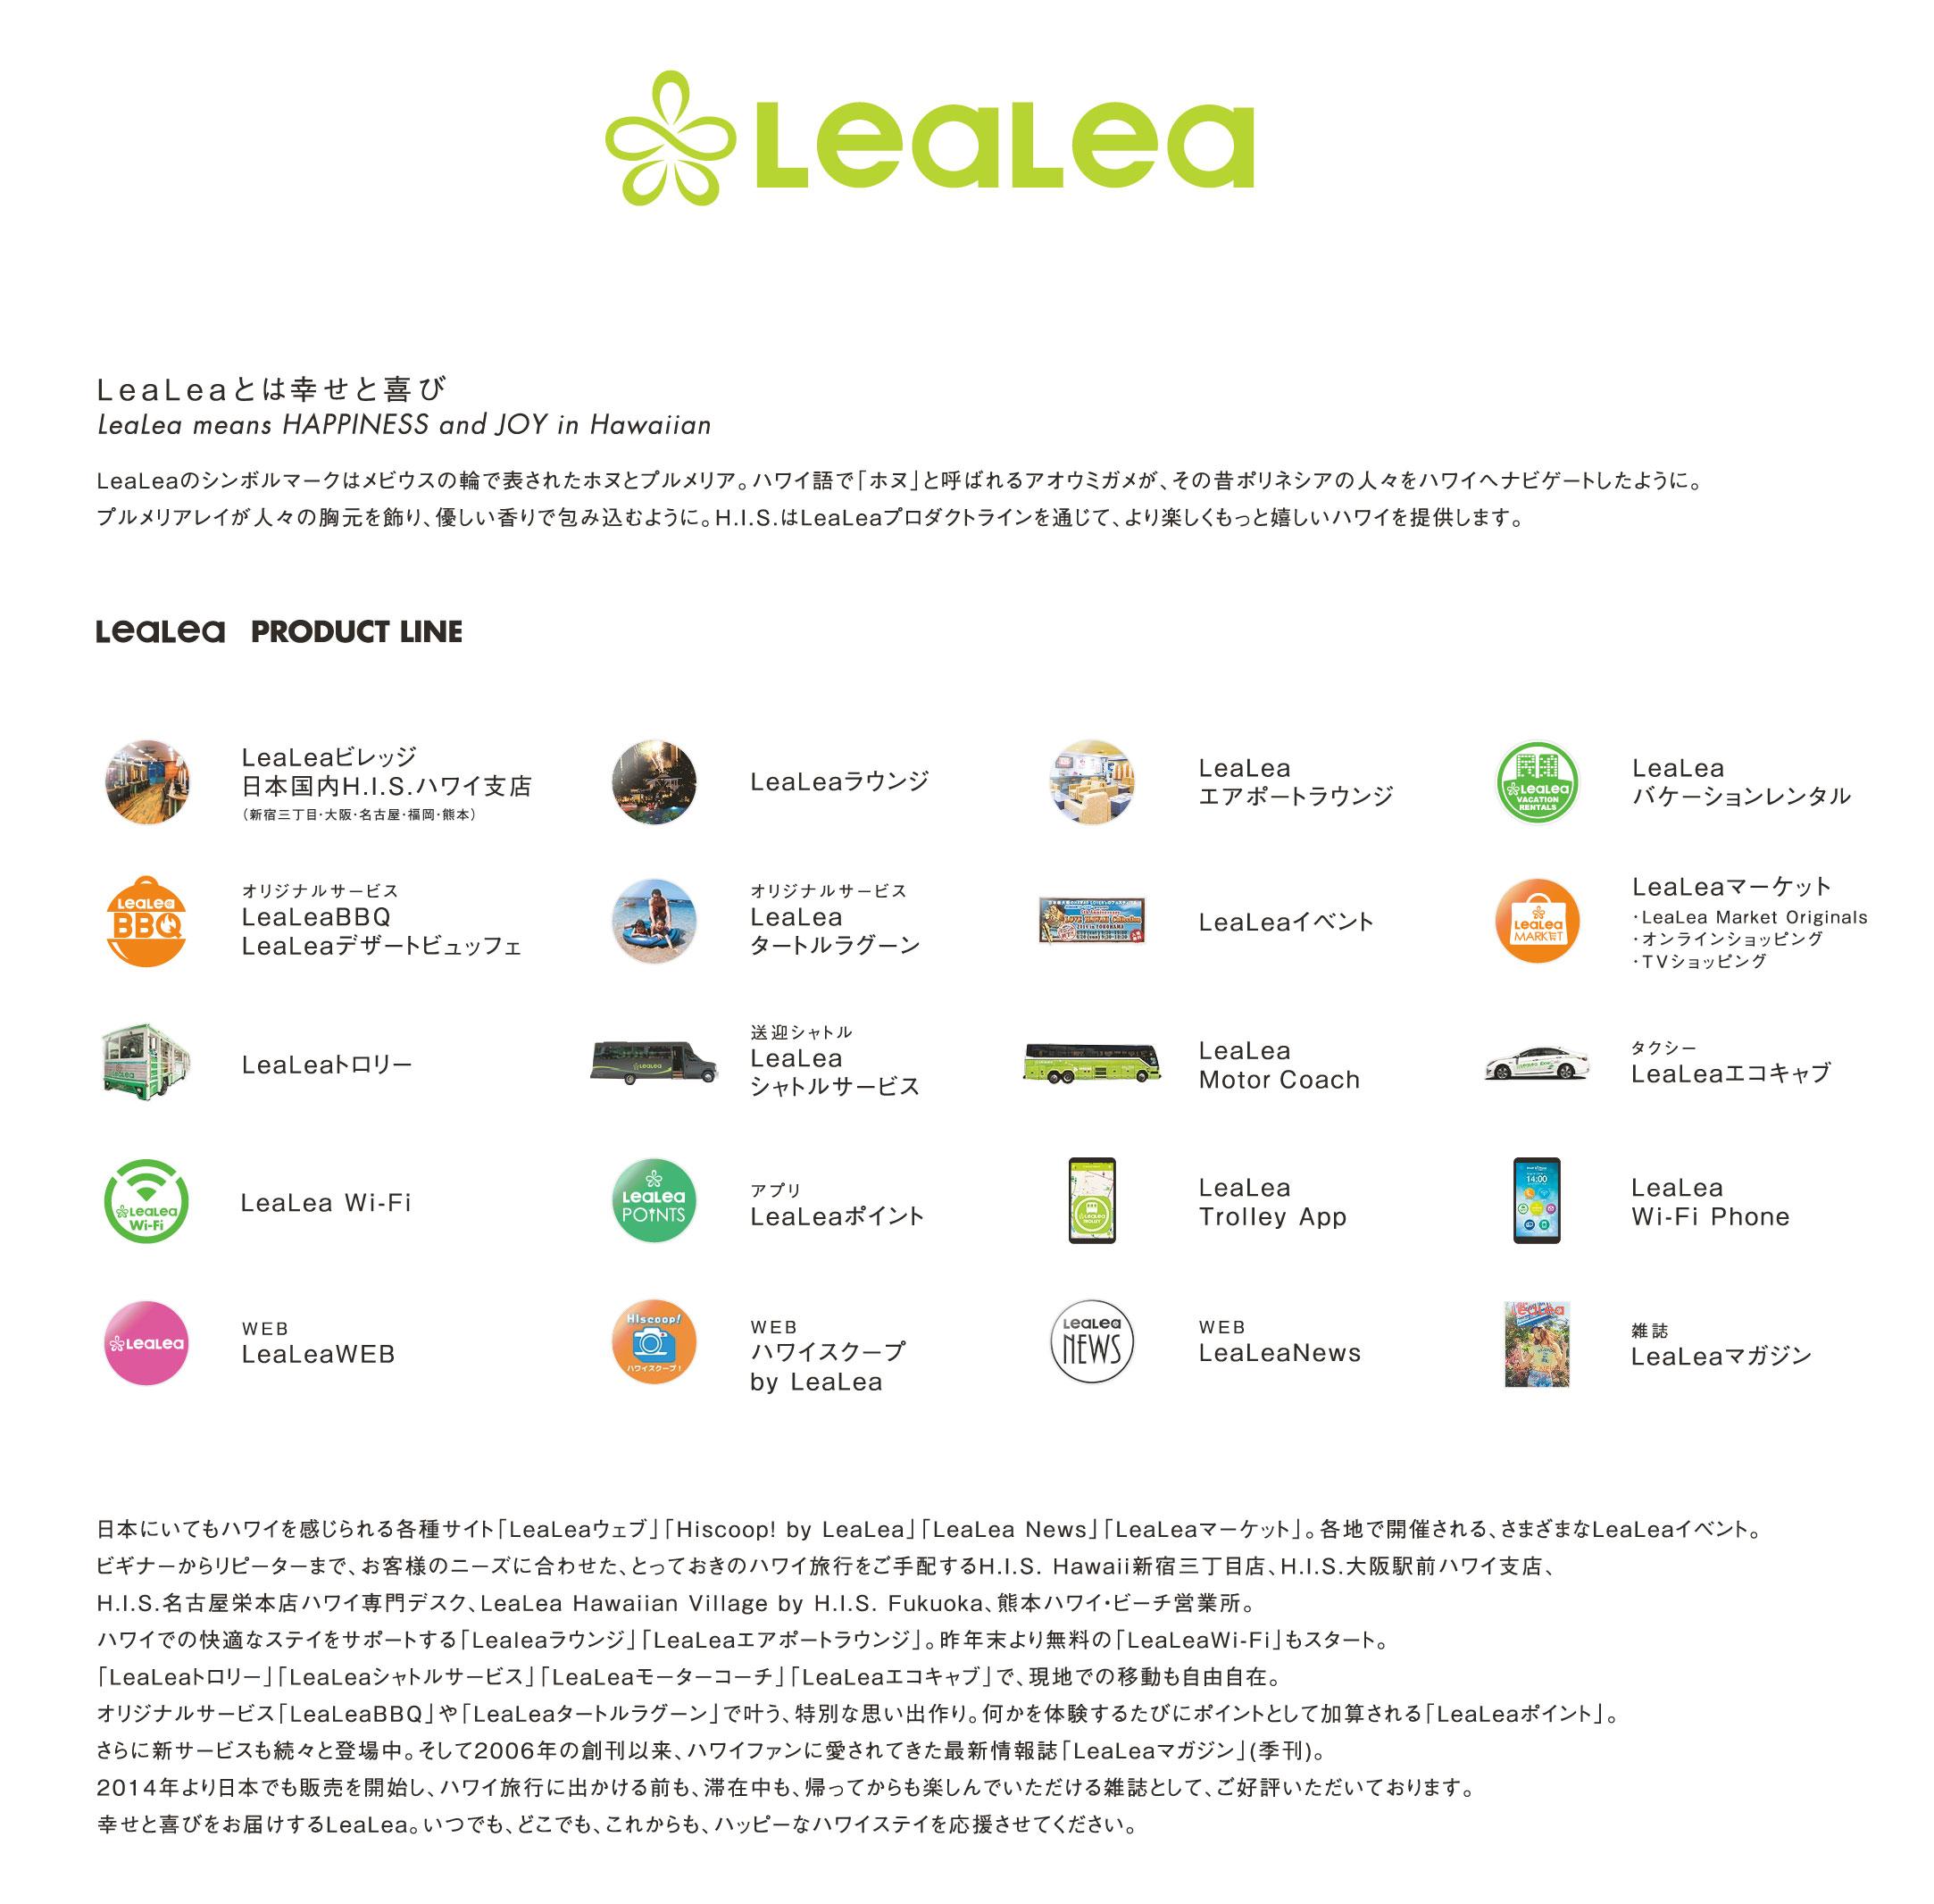 LeaLea